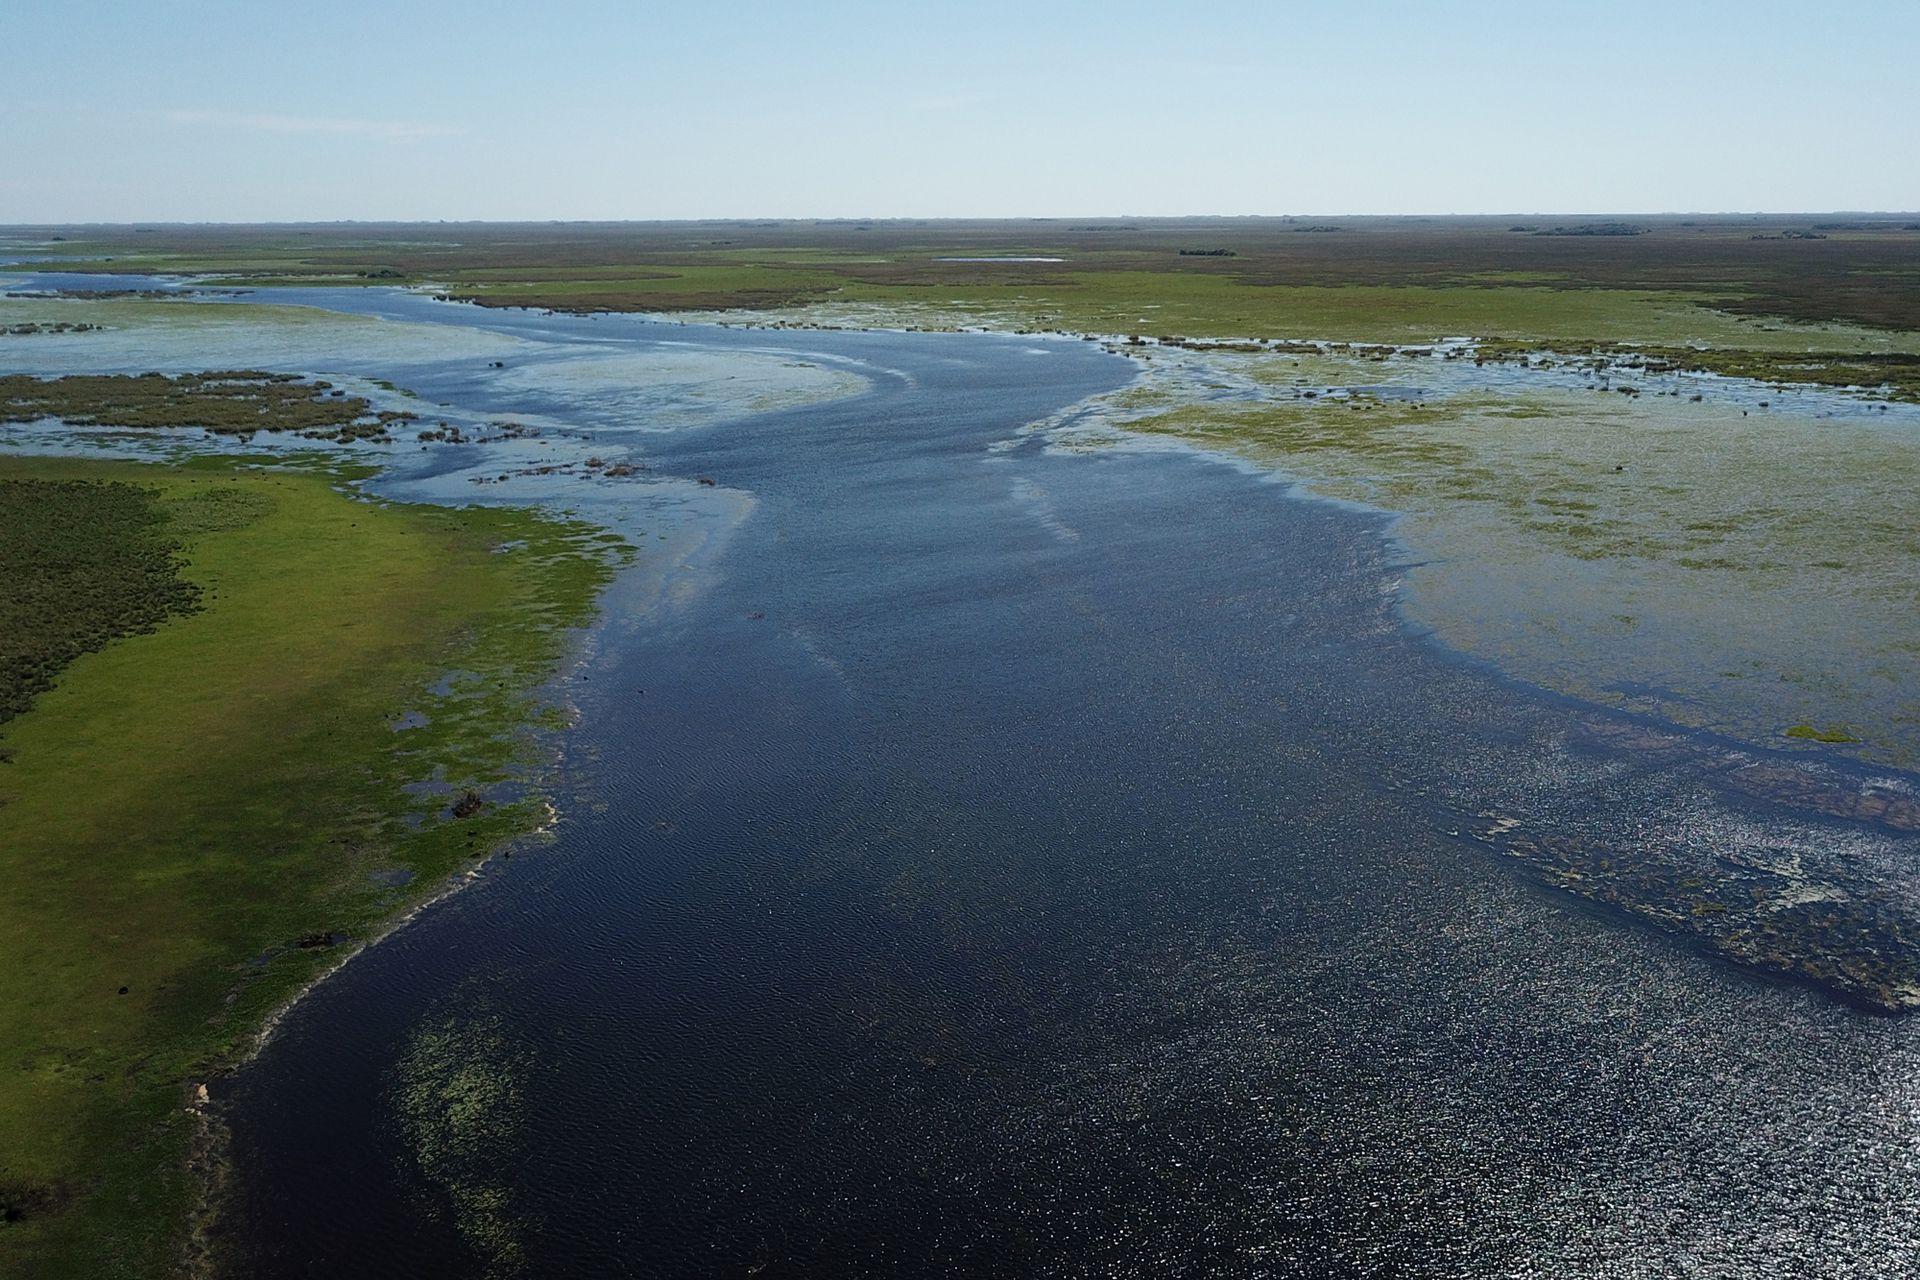 El Parque Nacional Esteros del Iberá tiene 183 500 hectáreas